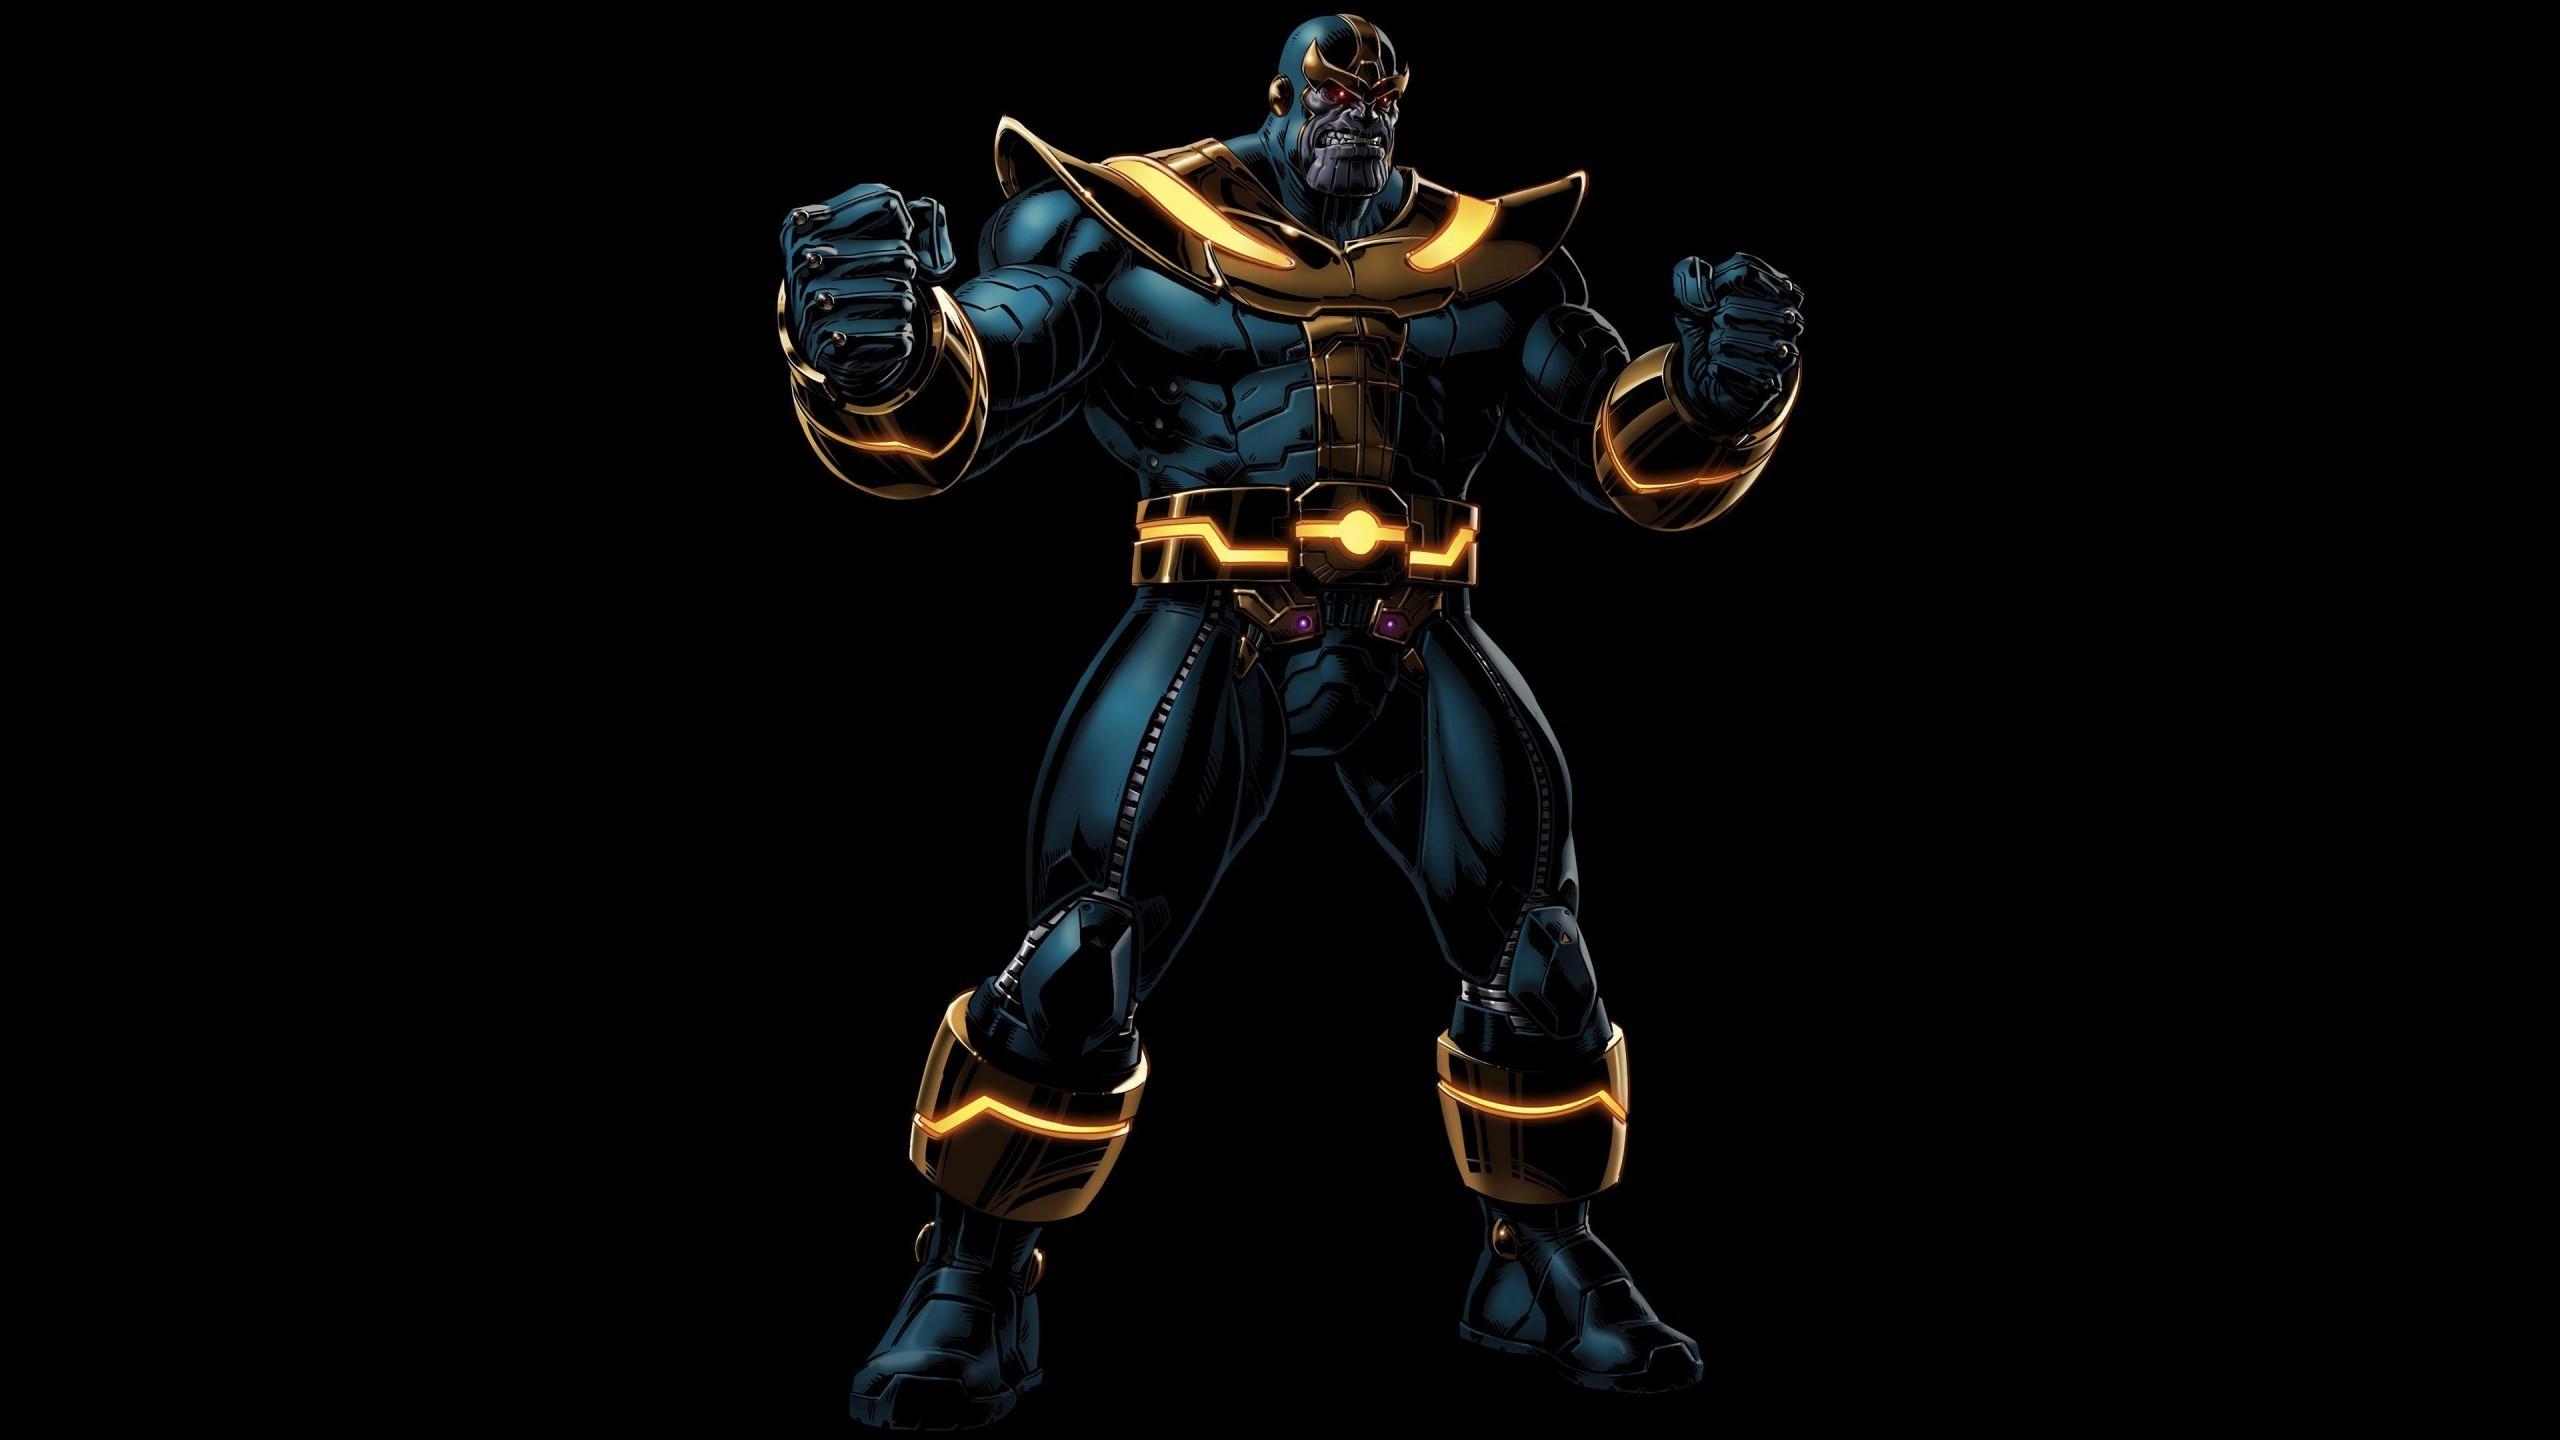 Giant Thanos